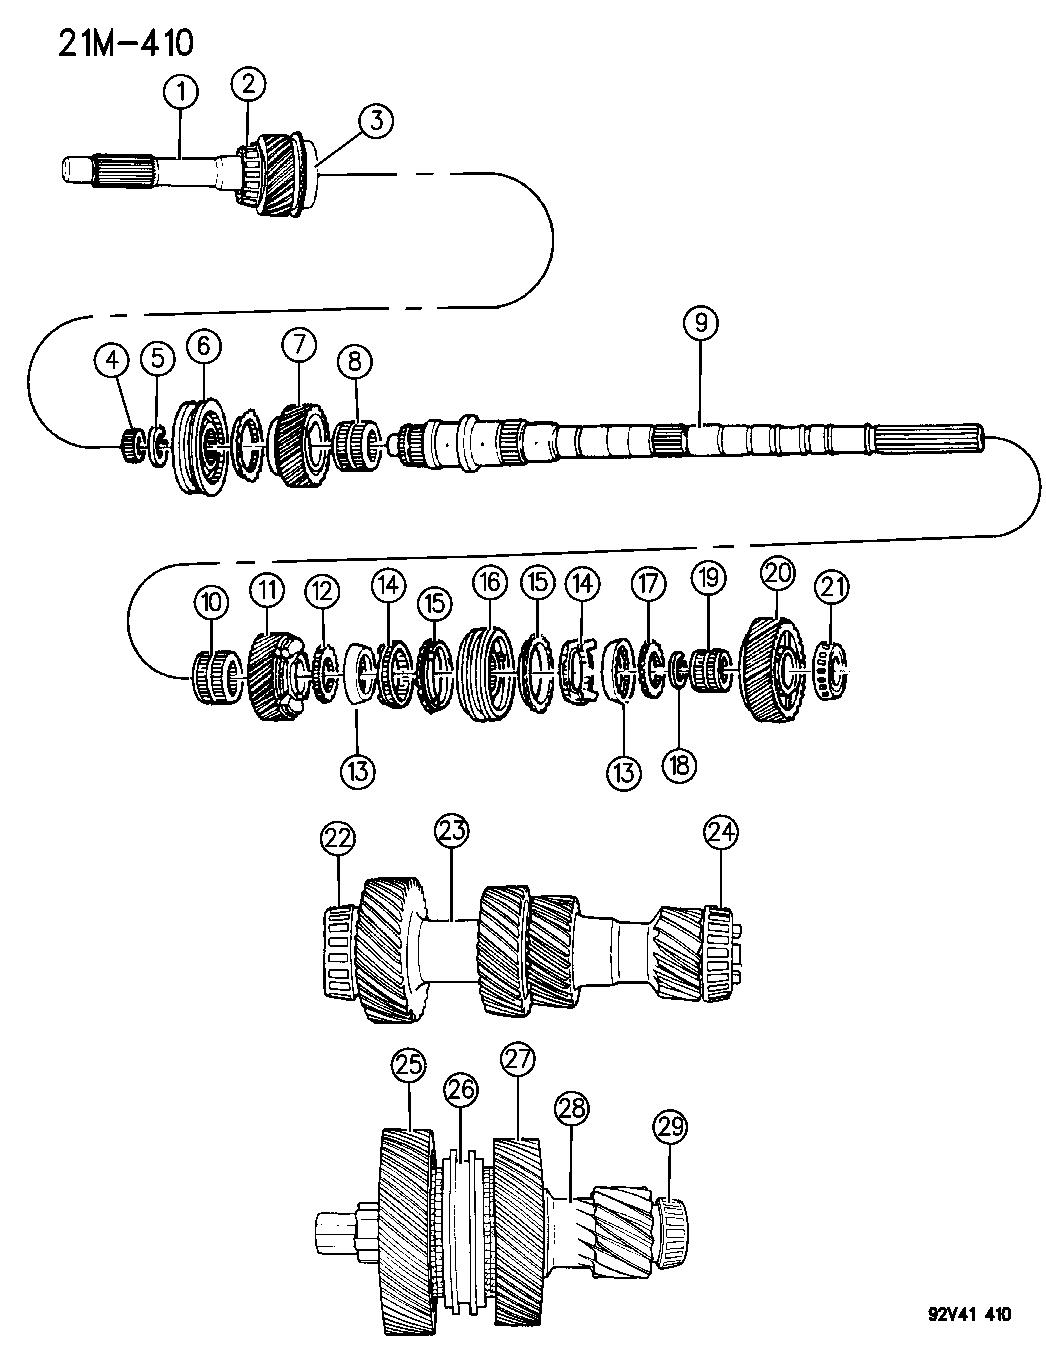 1994 Dodge Viper Gear Train